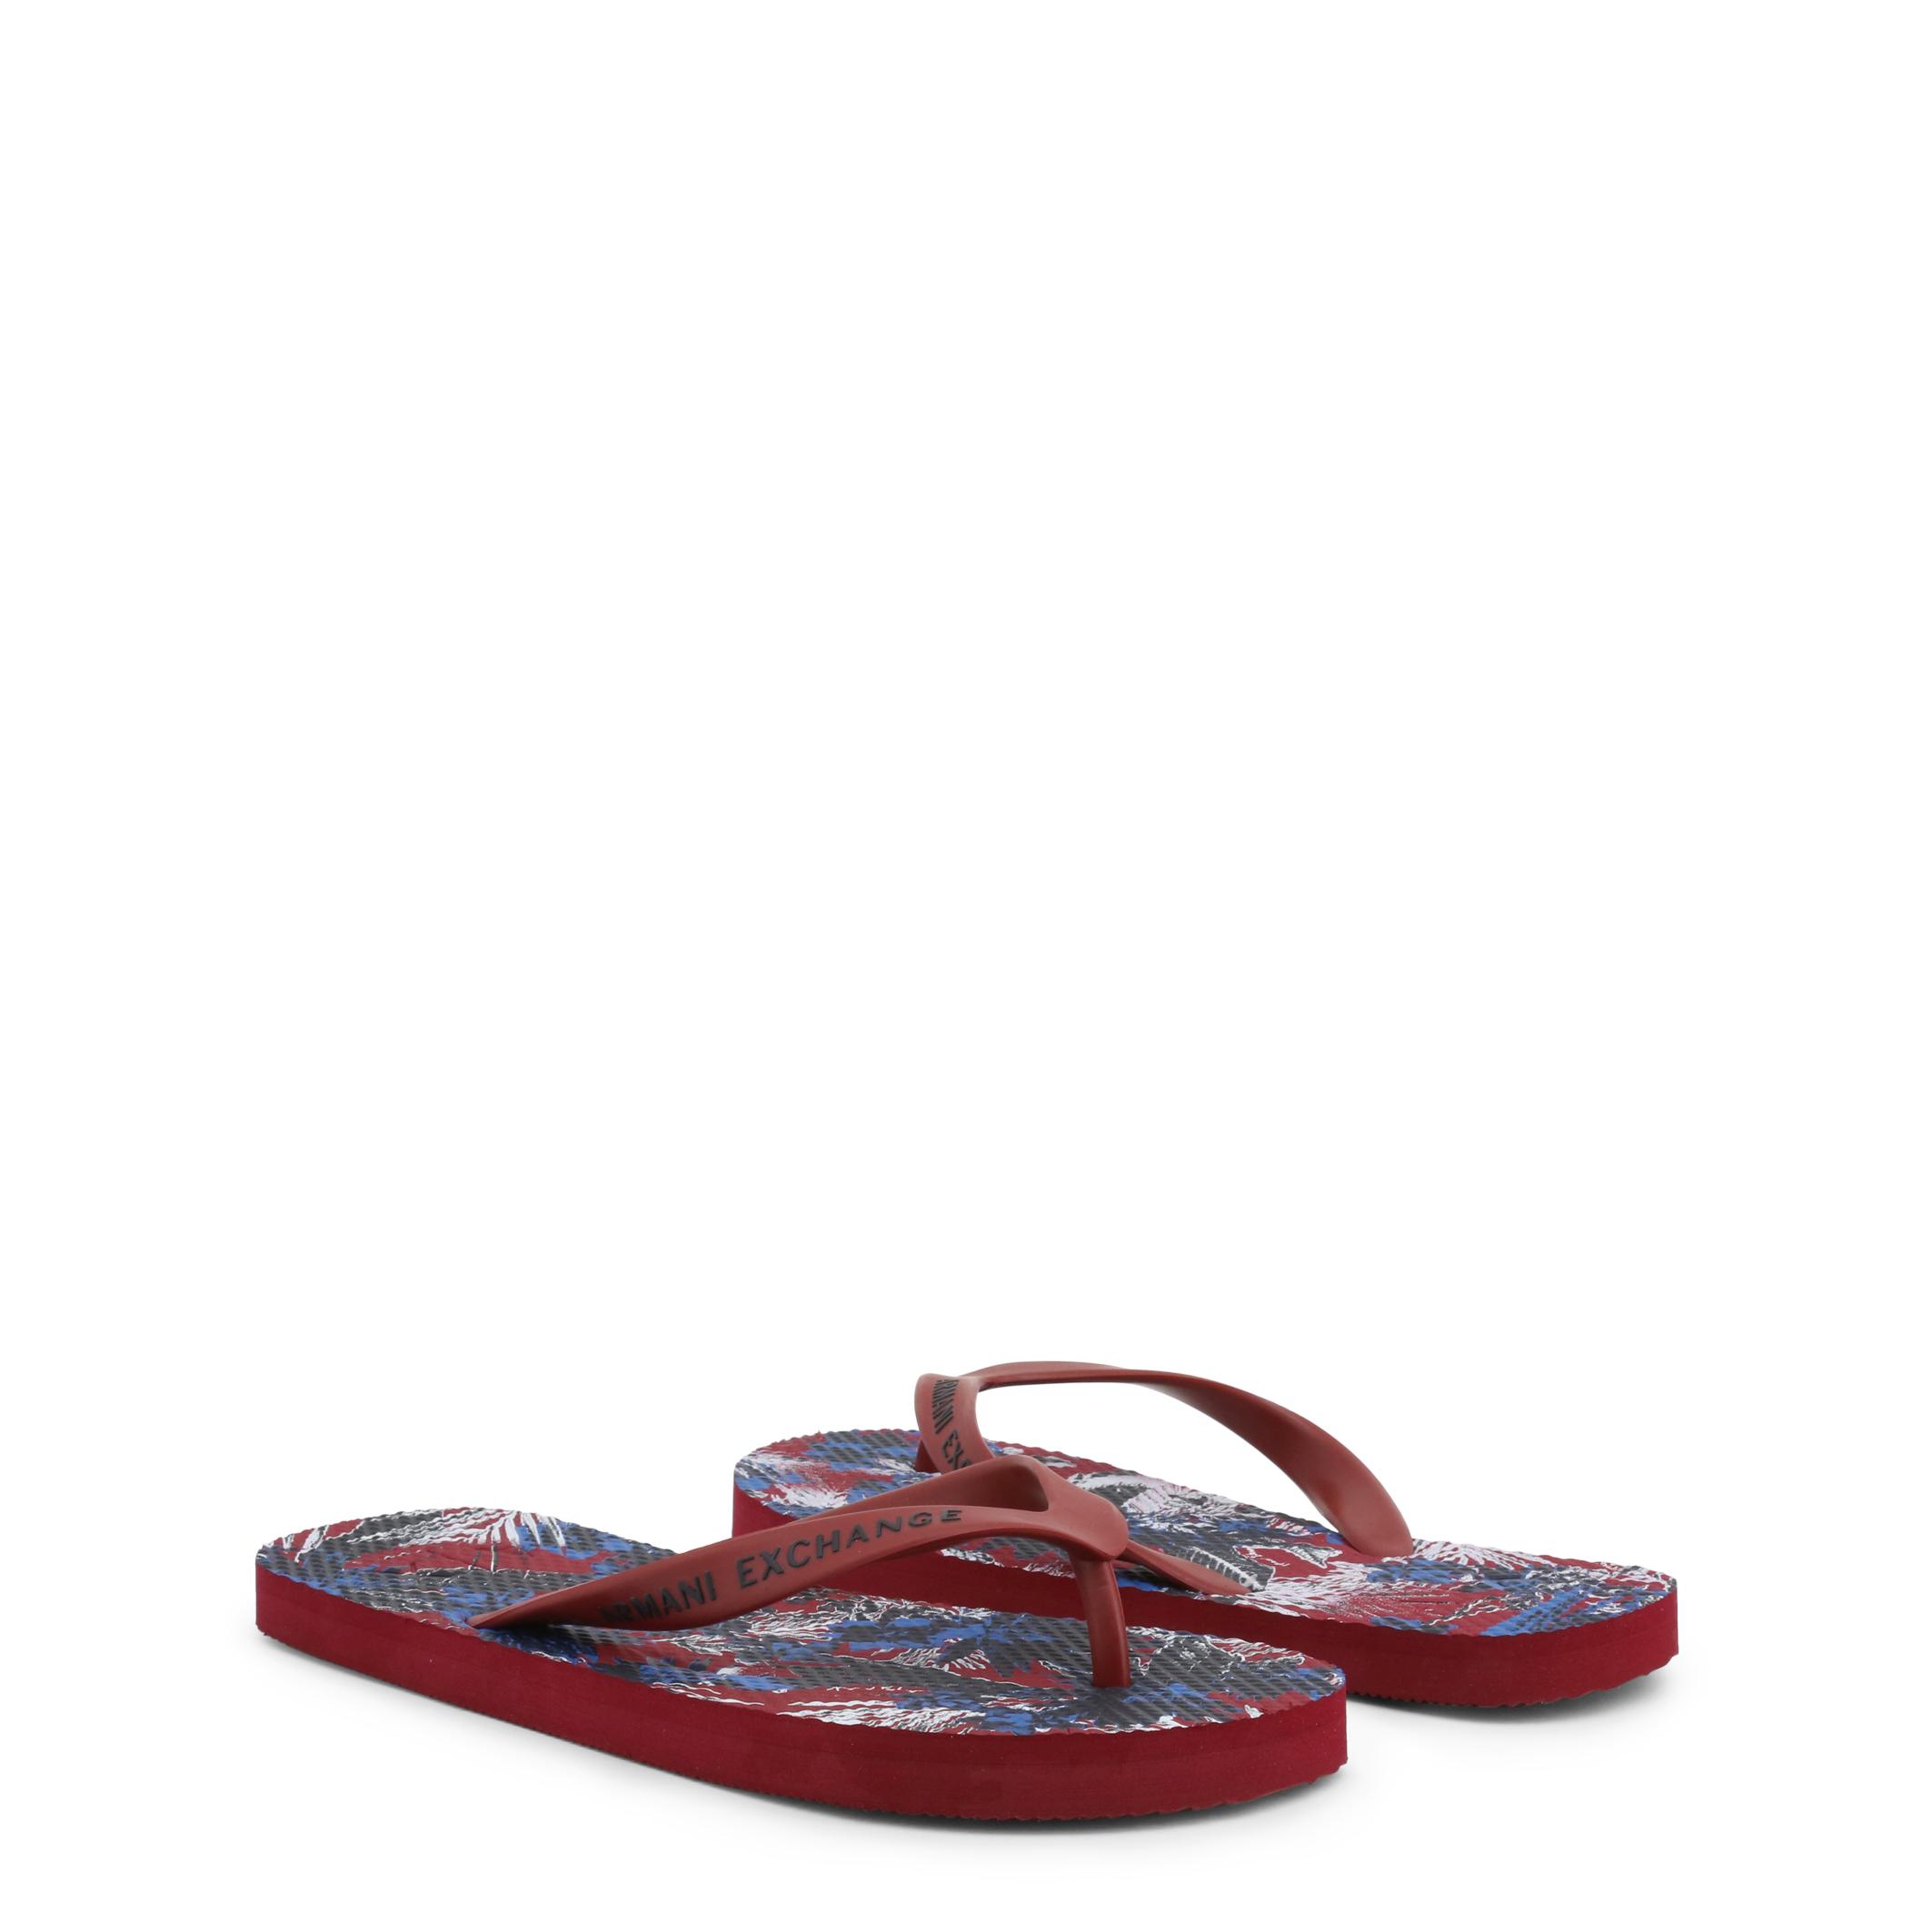 Armani Exchange – 9550708P429 – Rosso